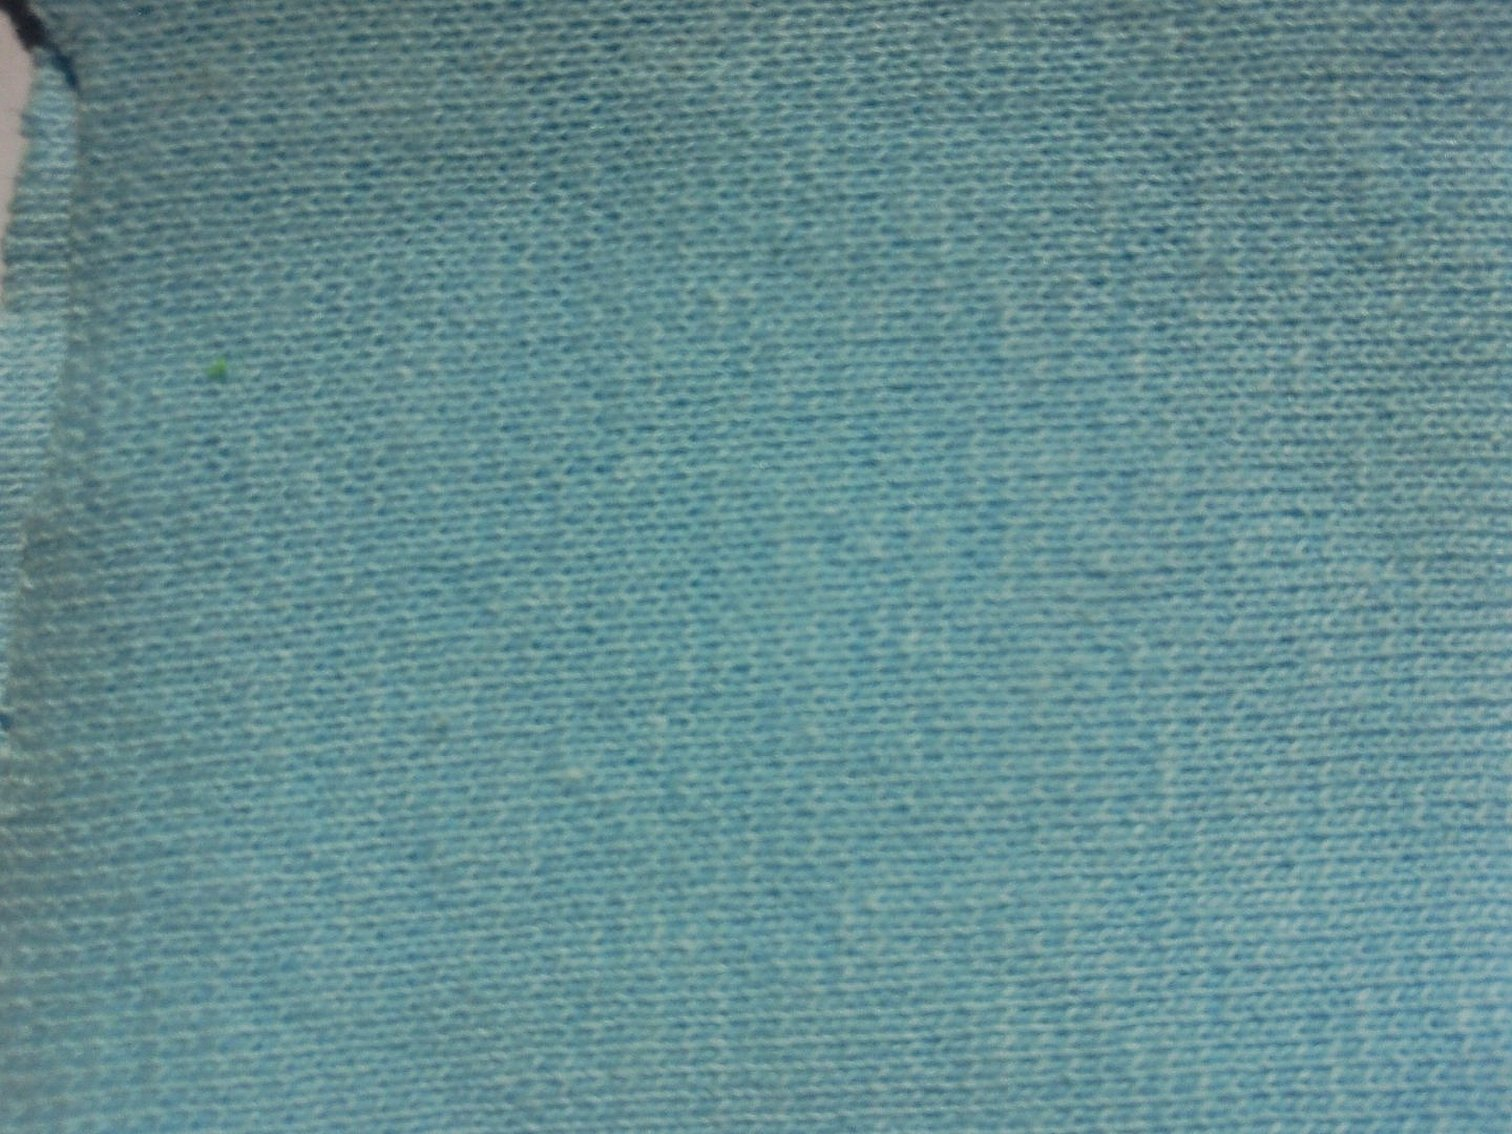 Текстура бирюзовой ткани для мебели